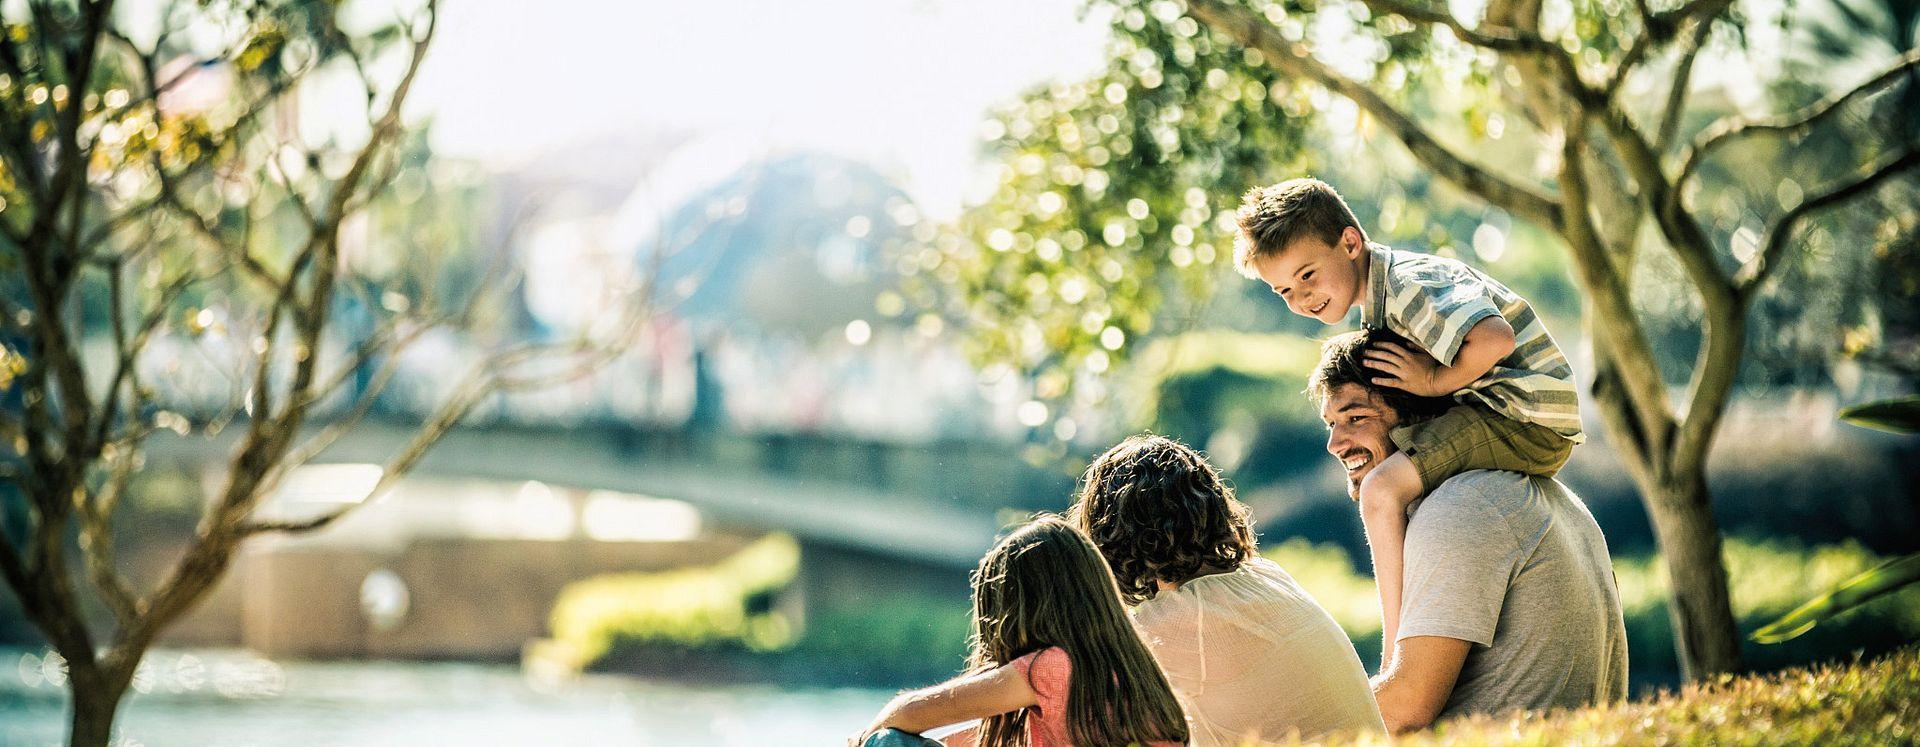 Familia divirtiendose en el parque